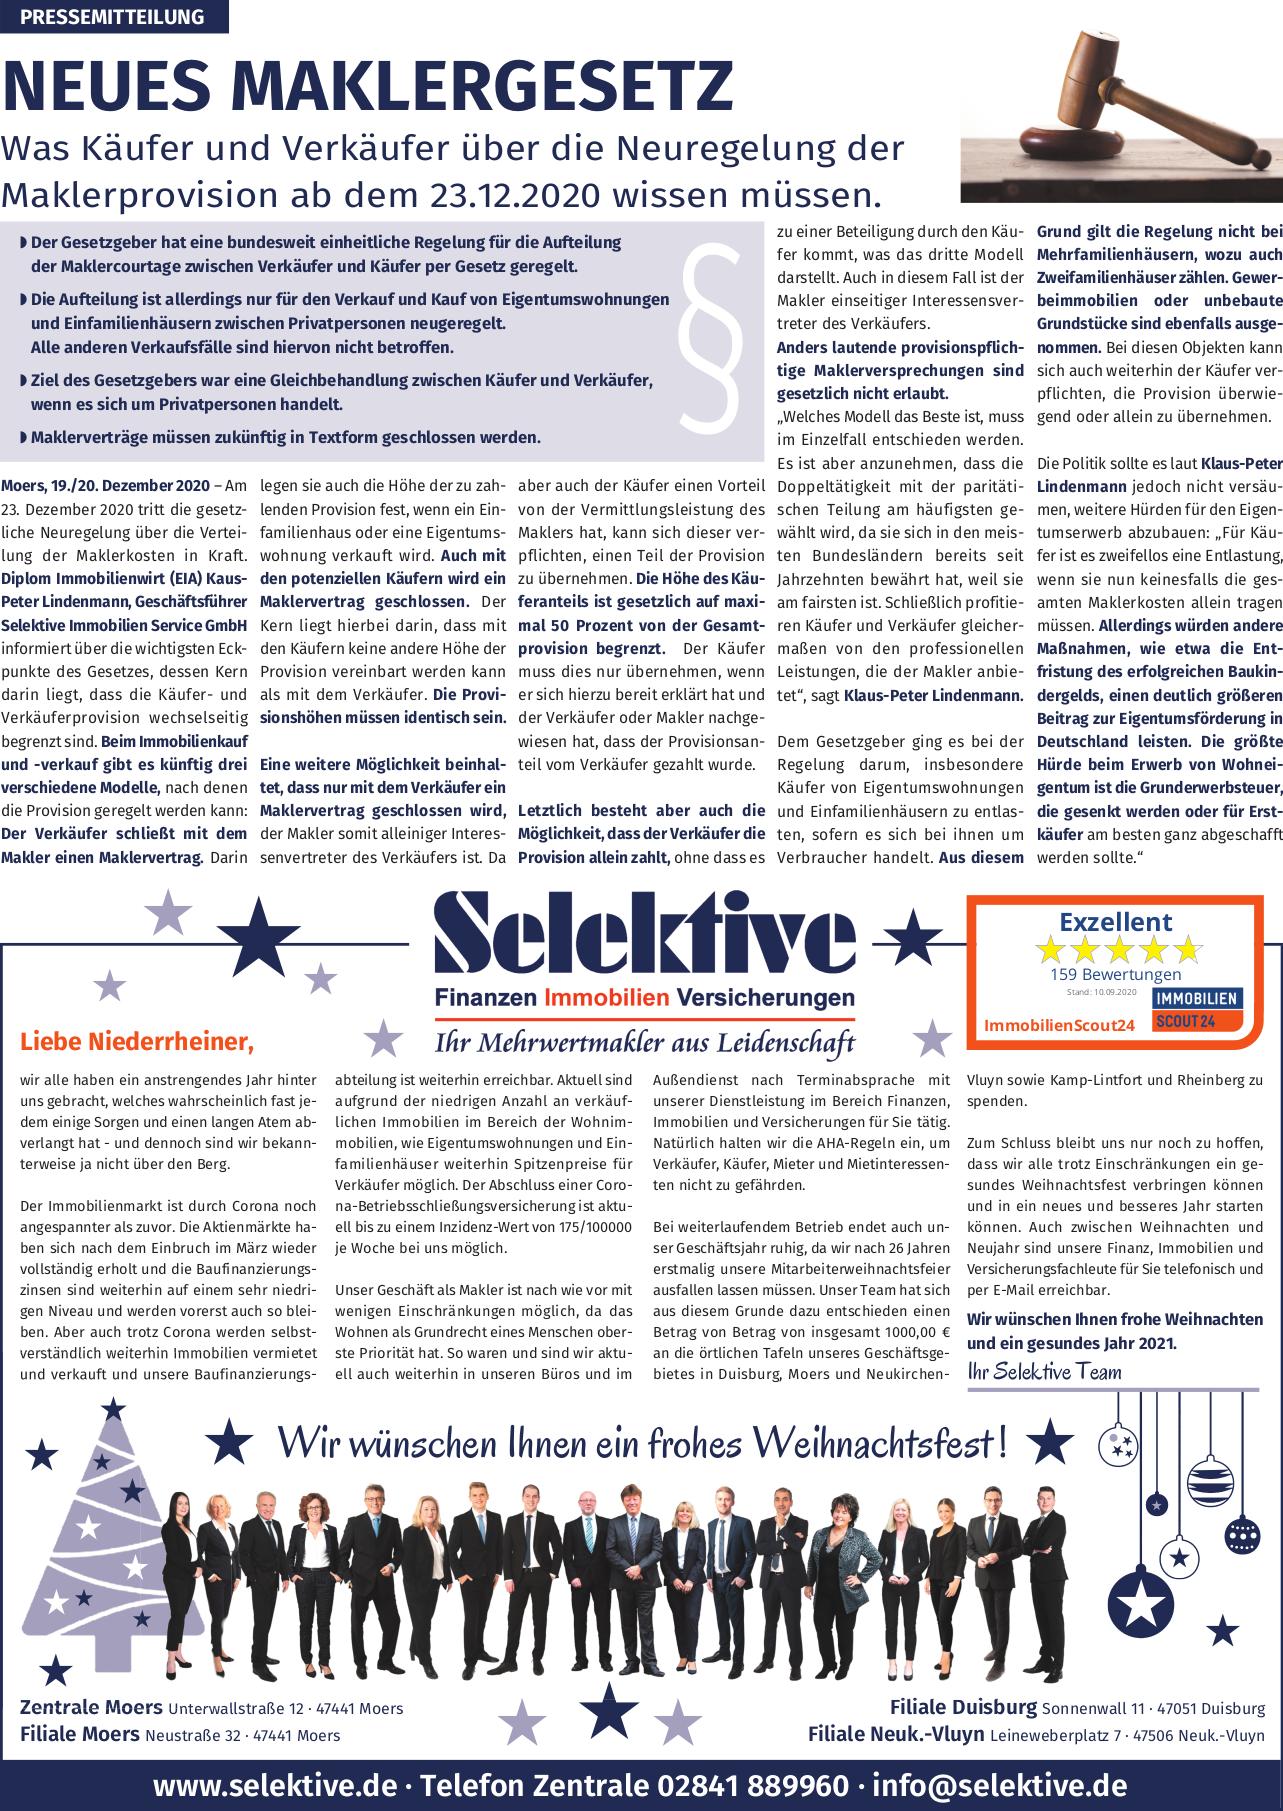 Zeitungsanzeige zum neuen Maklergesetz